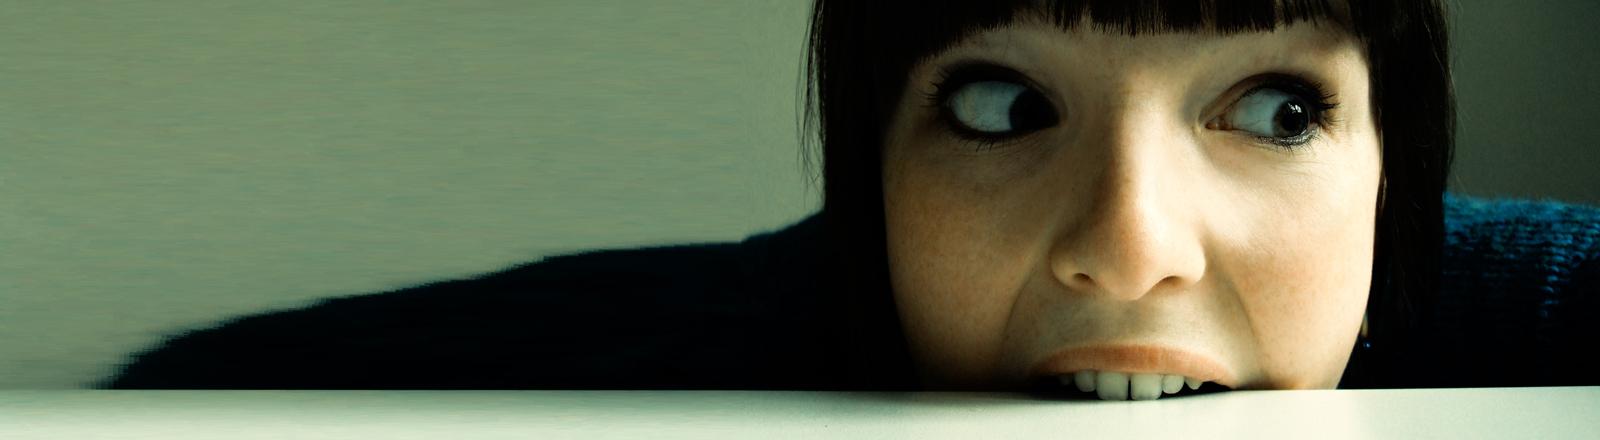 Eine Frau beißt in die Tischkante.